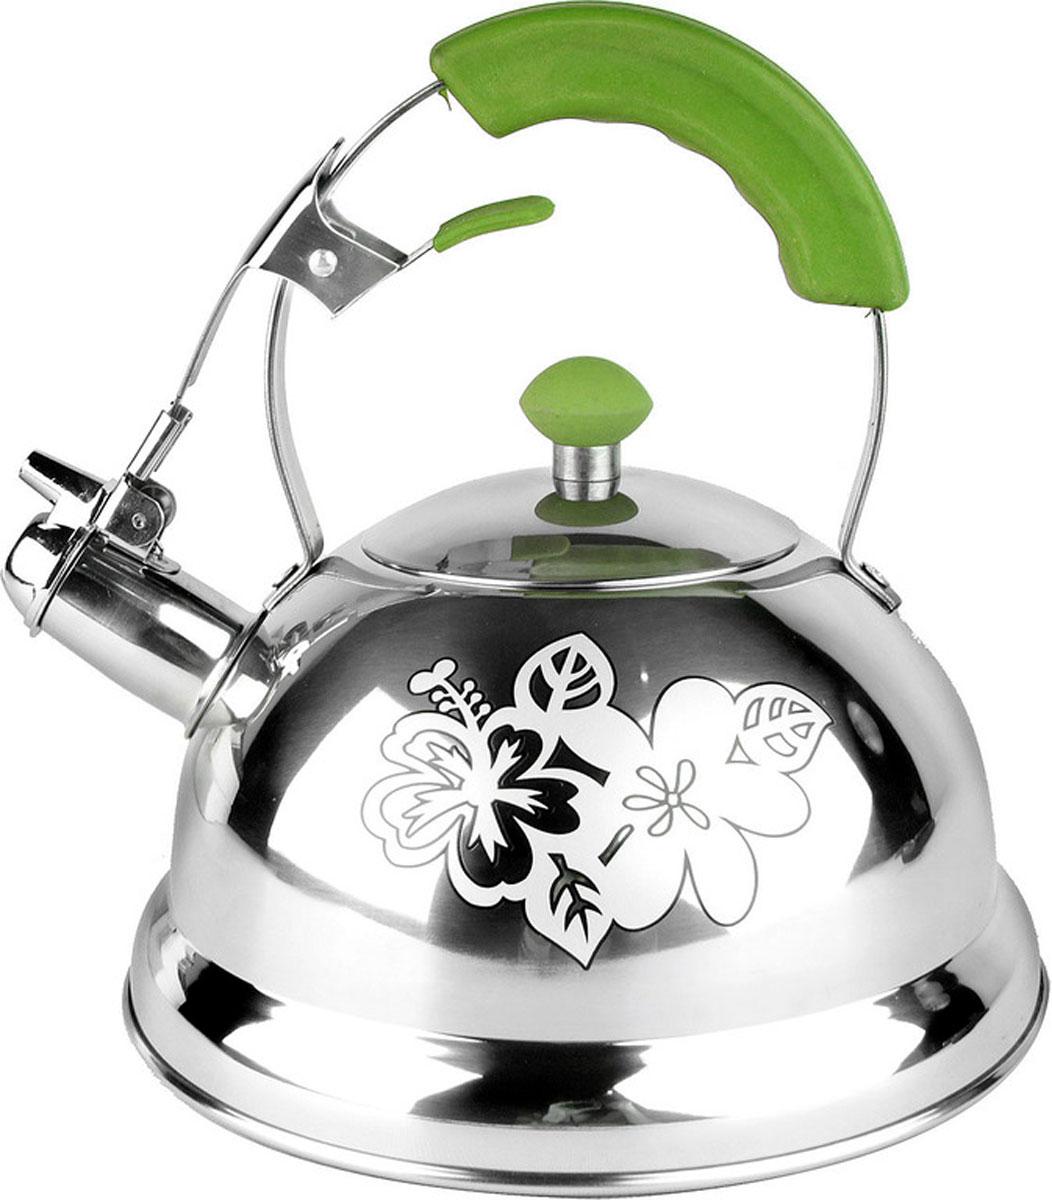 Чайник Mayer & Boch Thermo Print, со свистком, 2,6 лVT-1520(SR)Чайник со свистком Mayer & Boch Thermo Print выполнен из долговечной и прочной нержавеющей стали, которая не окисляется и устойчива к коррозии. Изделие оснащено свистком, благодаря которому вы можете не беспокоиться о том, что закипевшая вода зальет плиту. Как только вода закипит - свисток оповестит вас об этом. Капсулированное дно с прослойкой из алюминия обеспечивает наилучшее распределение тепла. Ручка чайника, а так же ручка крышки изготовлены из специального теплоустойчивого материала, который не обжигает руки. Чайник декорирован изображением цветка. Удобный и практичный чайник отлично впишется в интерьер любой кухни.Чайник подходит для использования на всех типах плит, включая индукционные. Высота стенок чайника: 12 см.Общая высота чайника: 24 см.Диаметр дна чайника: 22 см.Объем чайника: 2,6 л.